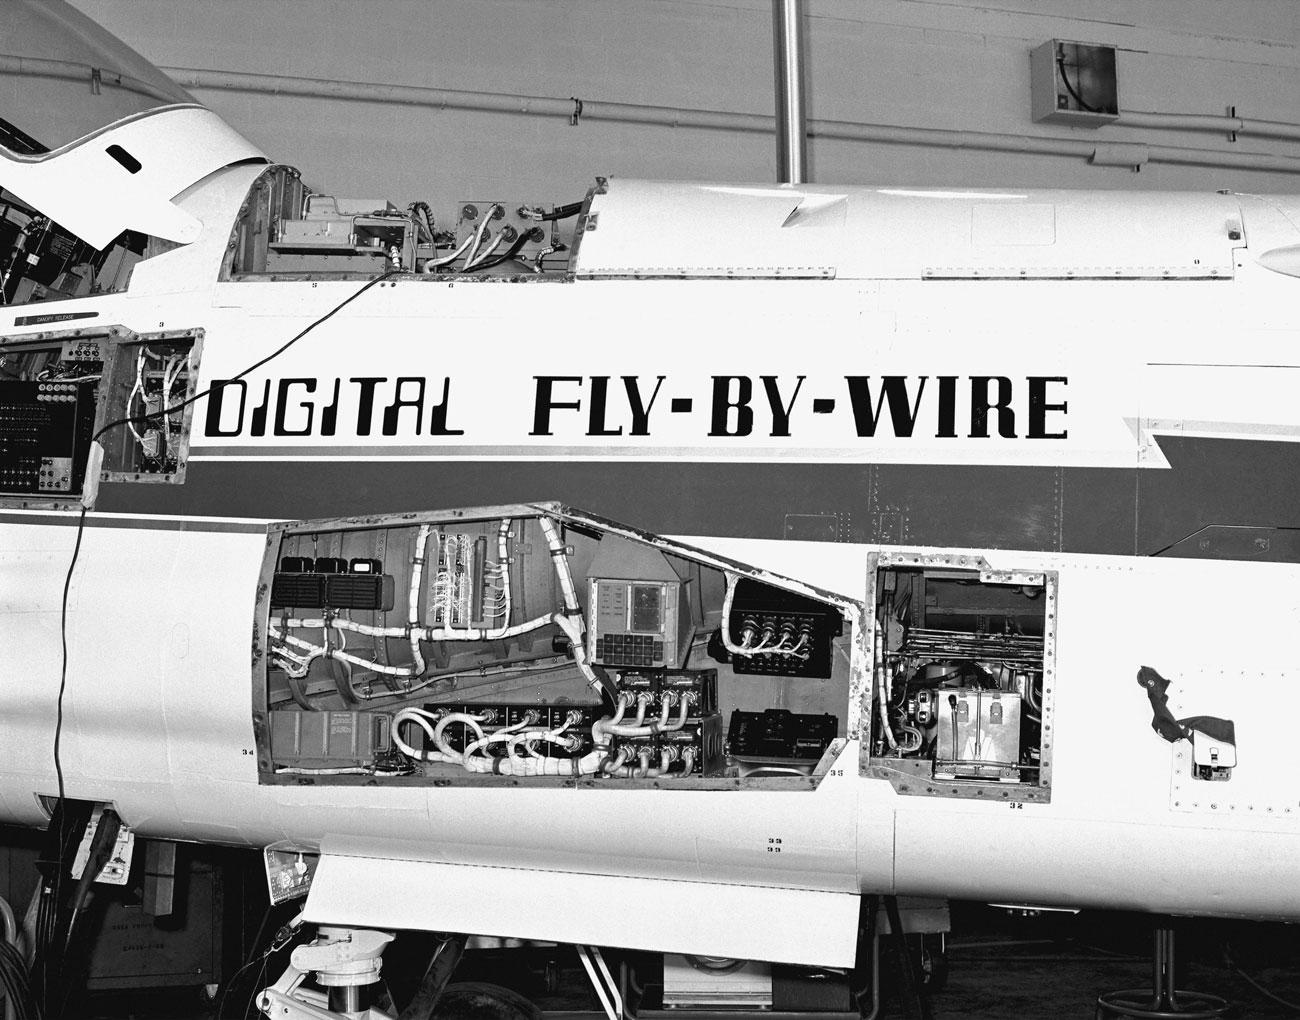 Módulos de controle do primeiro avião equipado com FBW digital